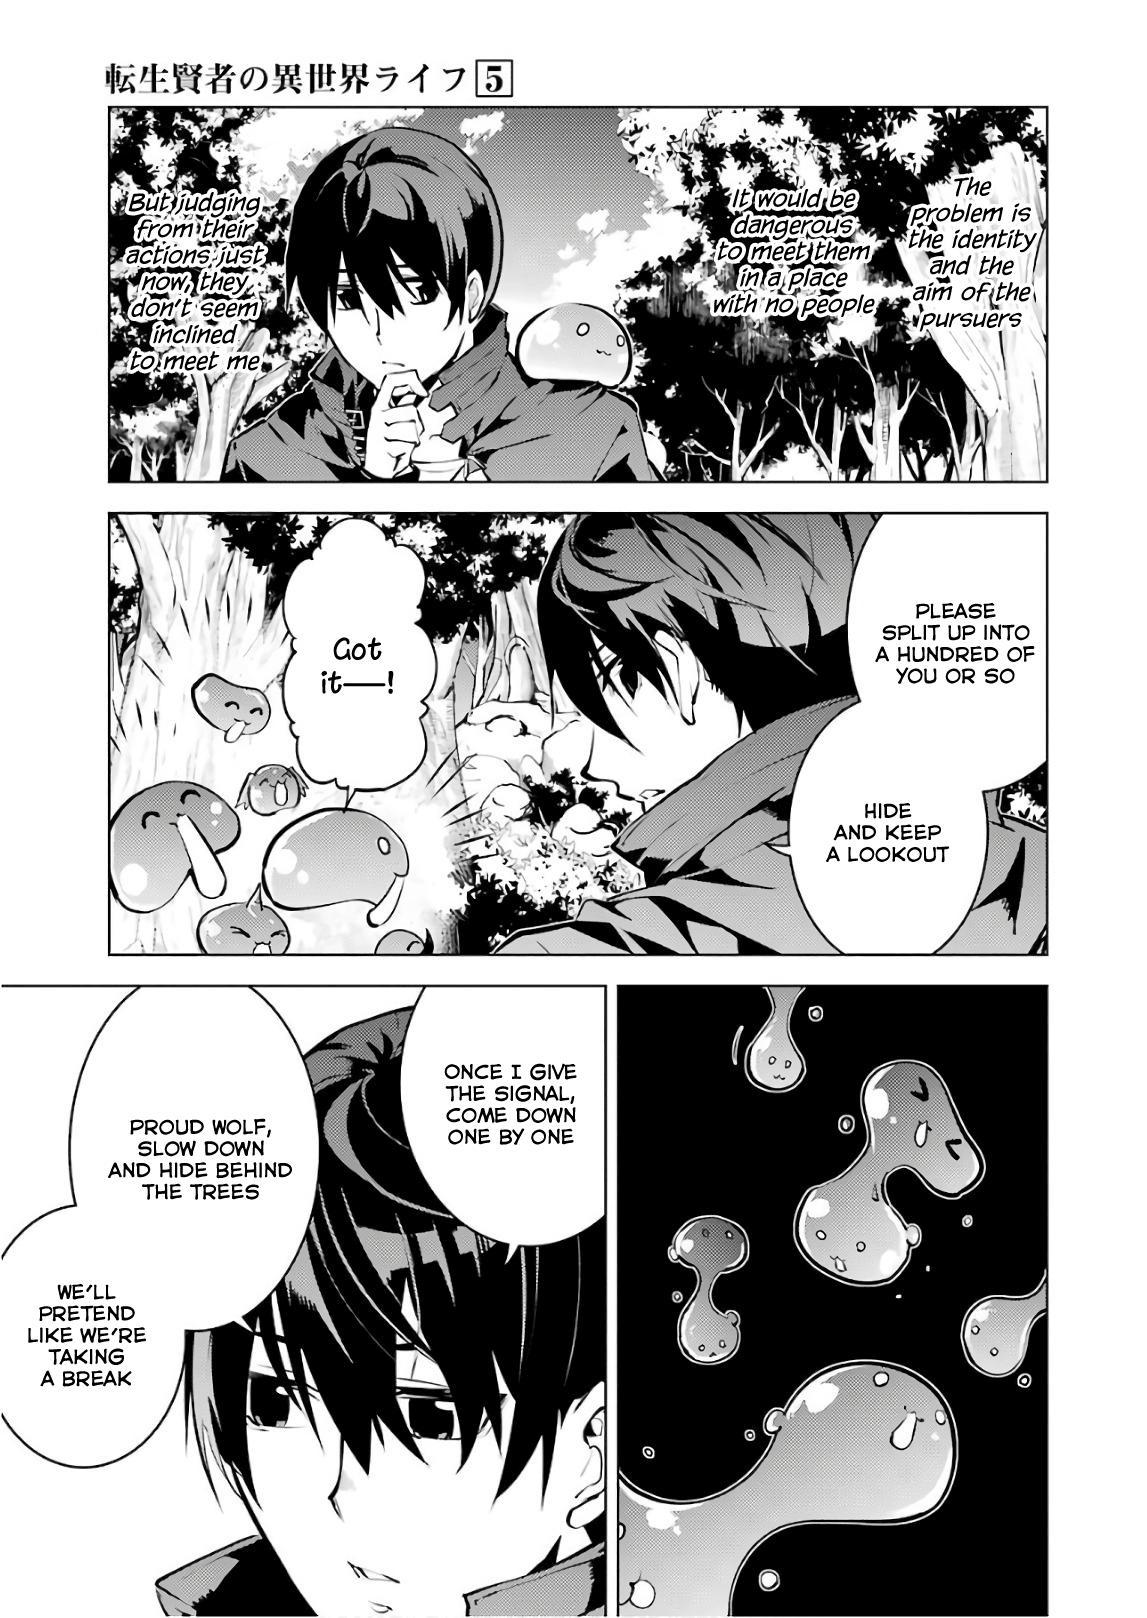 Tensei Kenja No Isekai Raifu ~Daini No Shokugyo Wo Ete, Sekai Saikyou Ni Narimashita~ Vol.5 Chapter 15: I Was Being Pursued page 11 - Mangakakalots.com